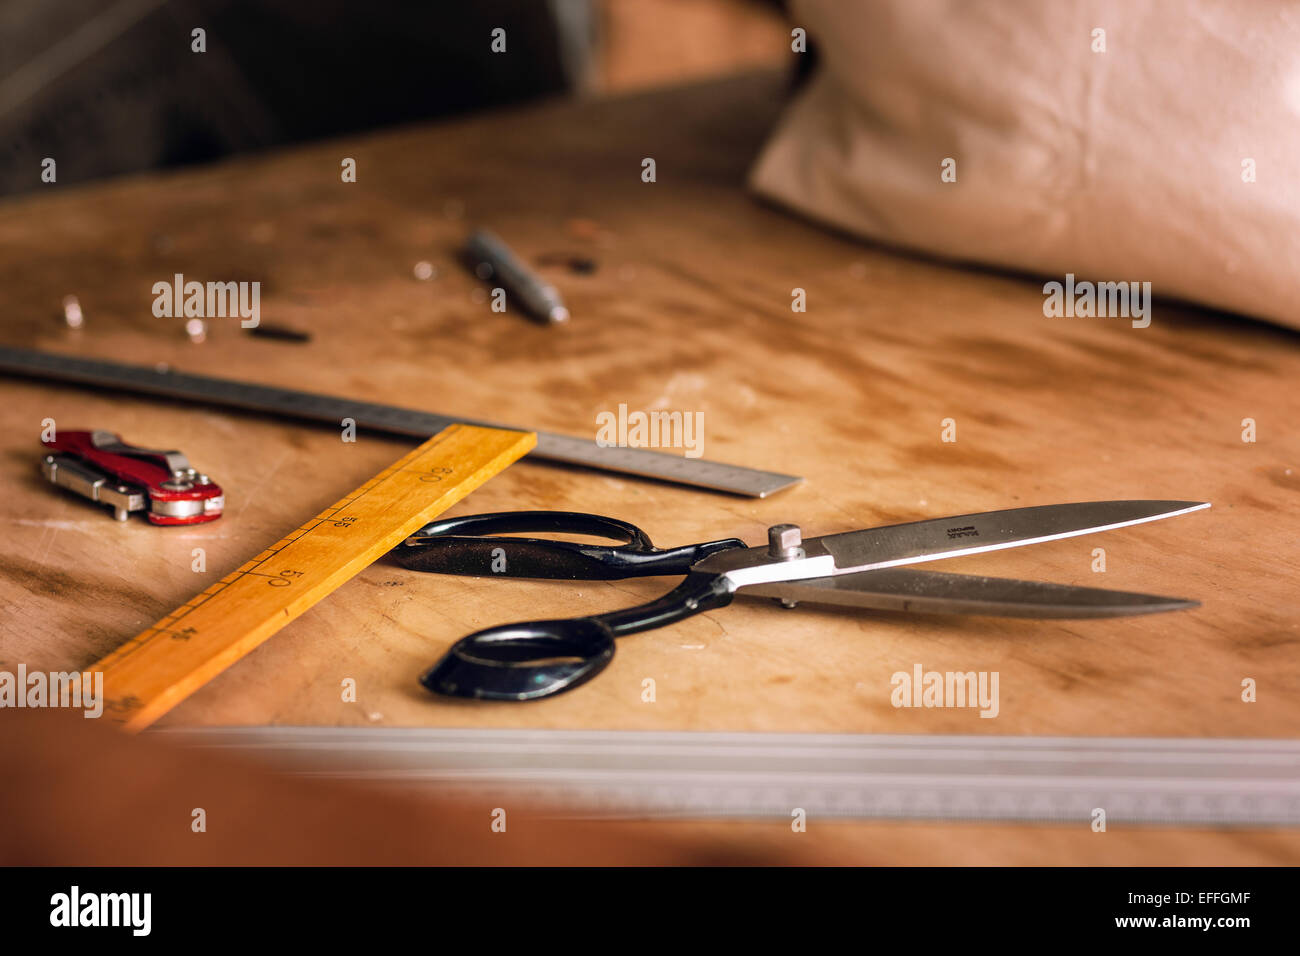 Matériel d'artisanat sur le tableau à l'usine de fabrication de sacs Photo Stock